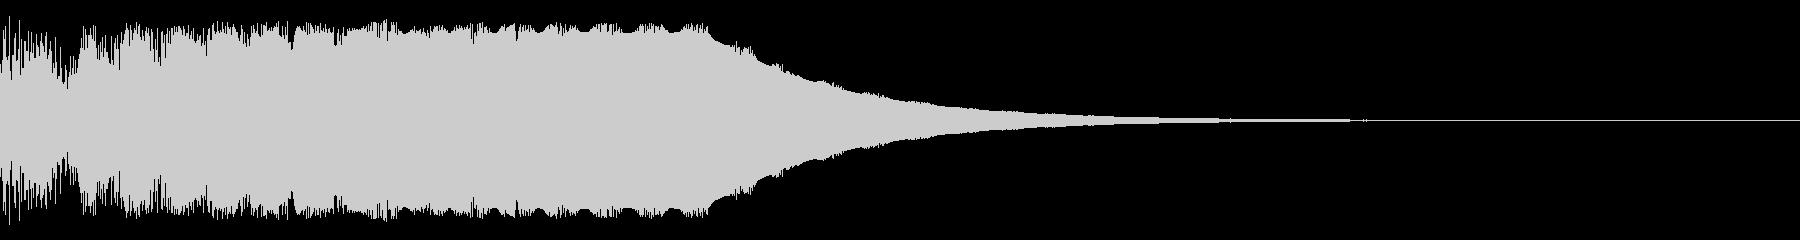 テロップ等にの未再生の波形